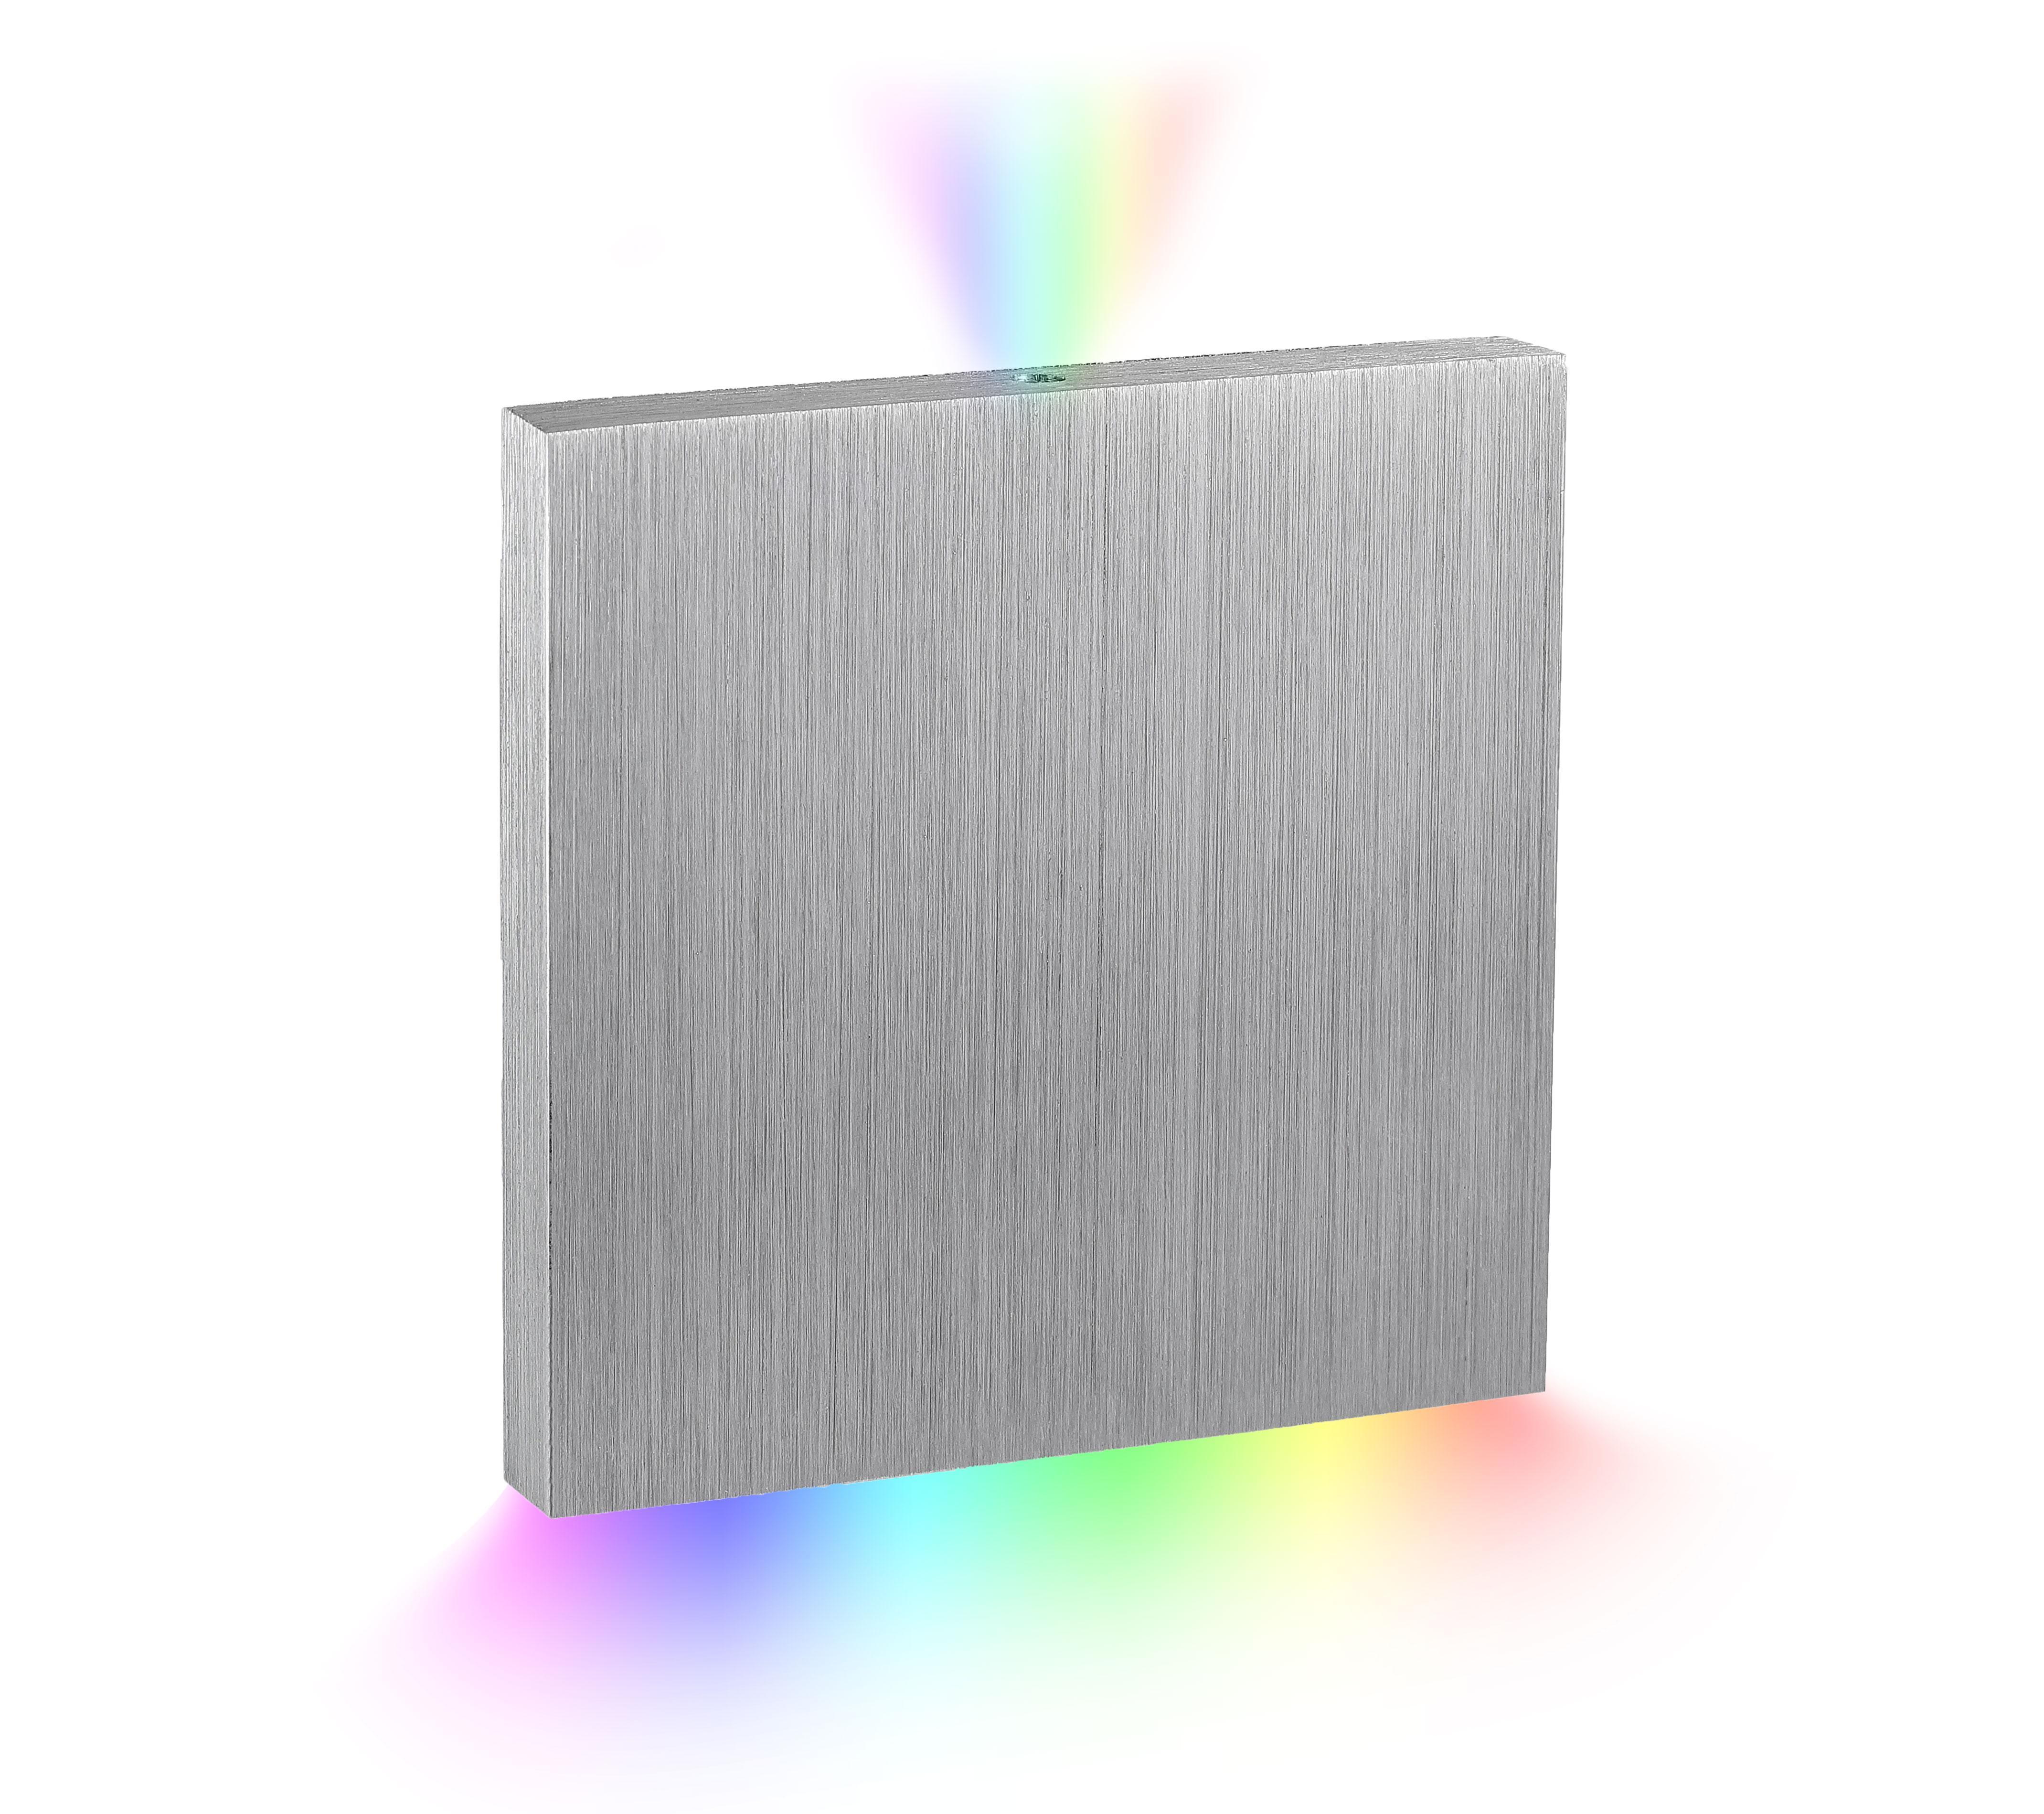 LED Stufenbeleuchtung Oberteil eckig, alugebürstet | Lichtaustritt oben & unten - Unterteil Wandeinbauleuchte:  RGB+3000K